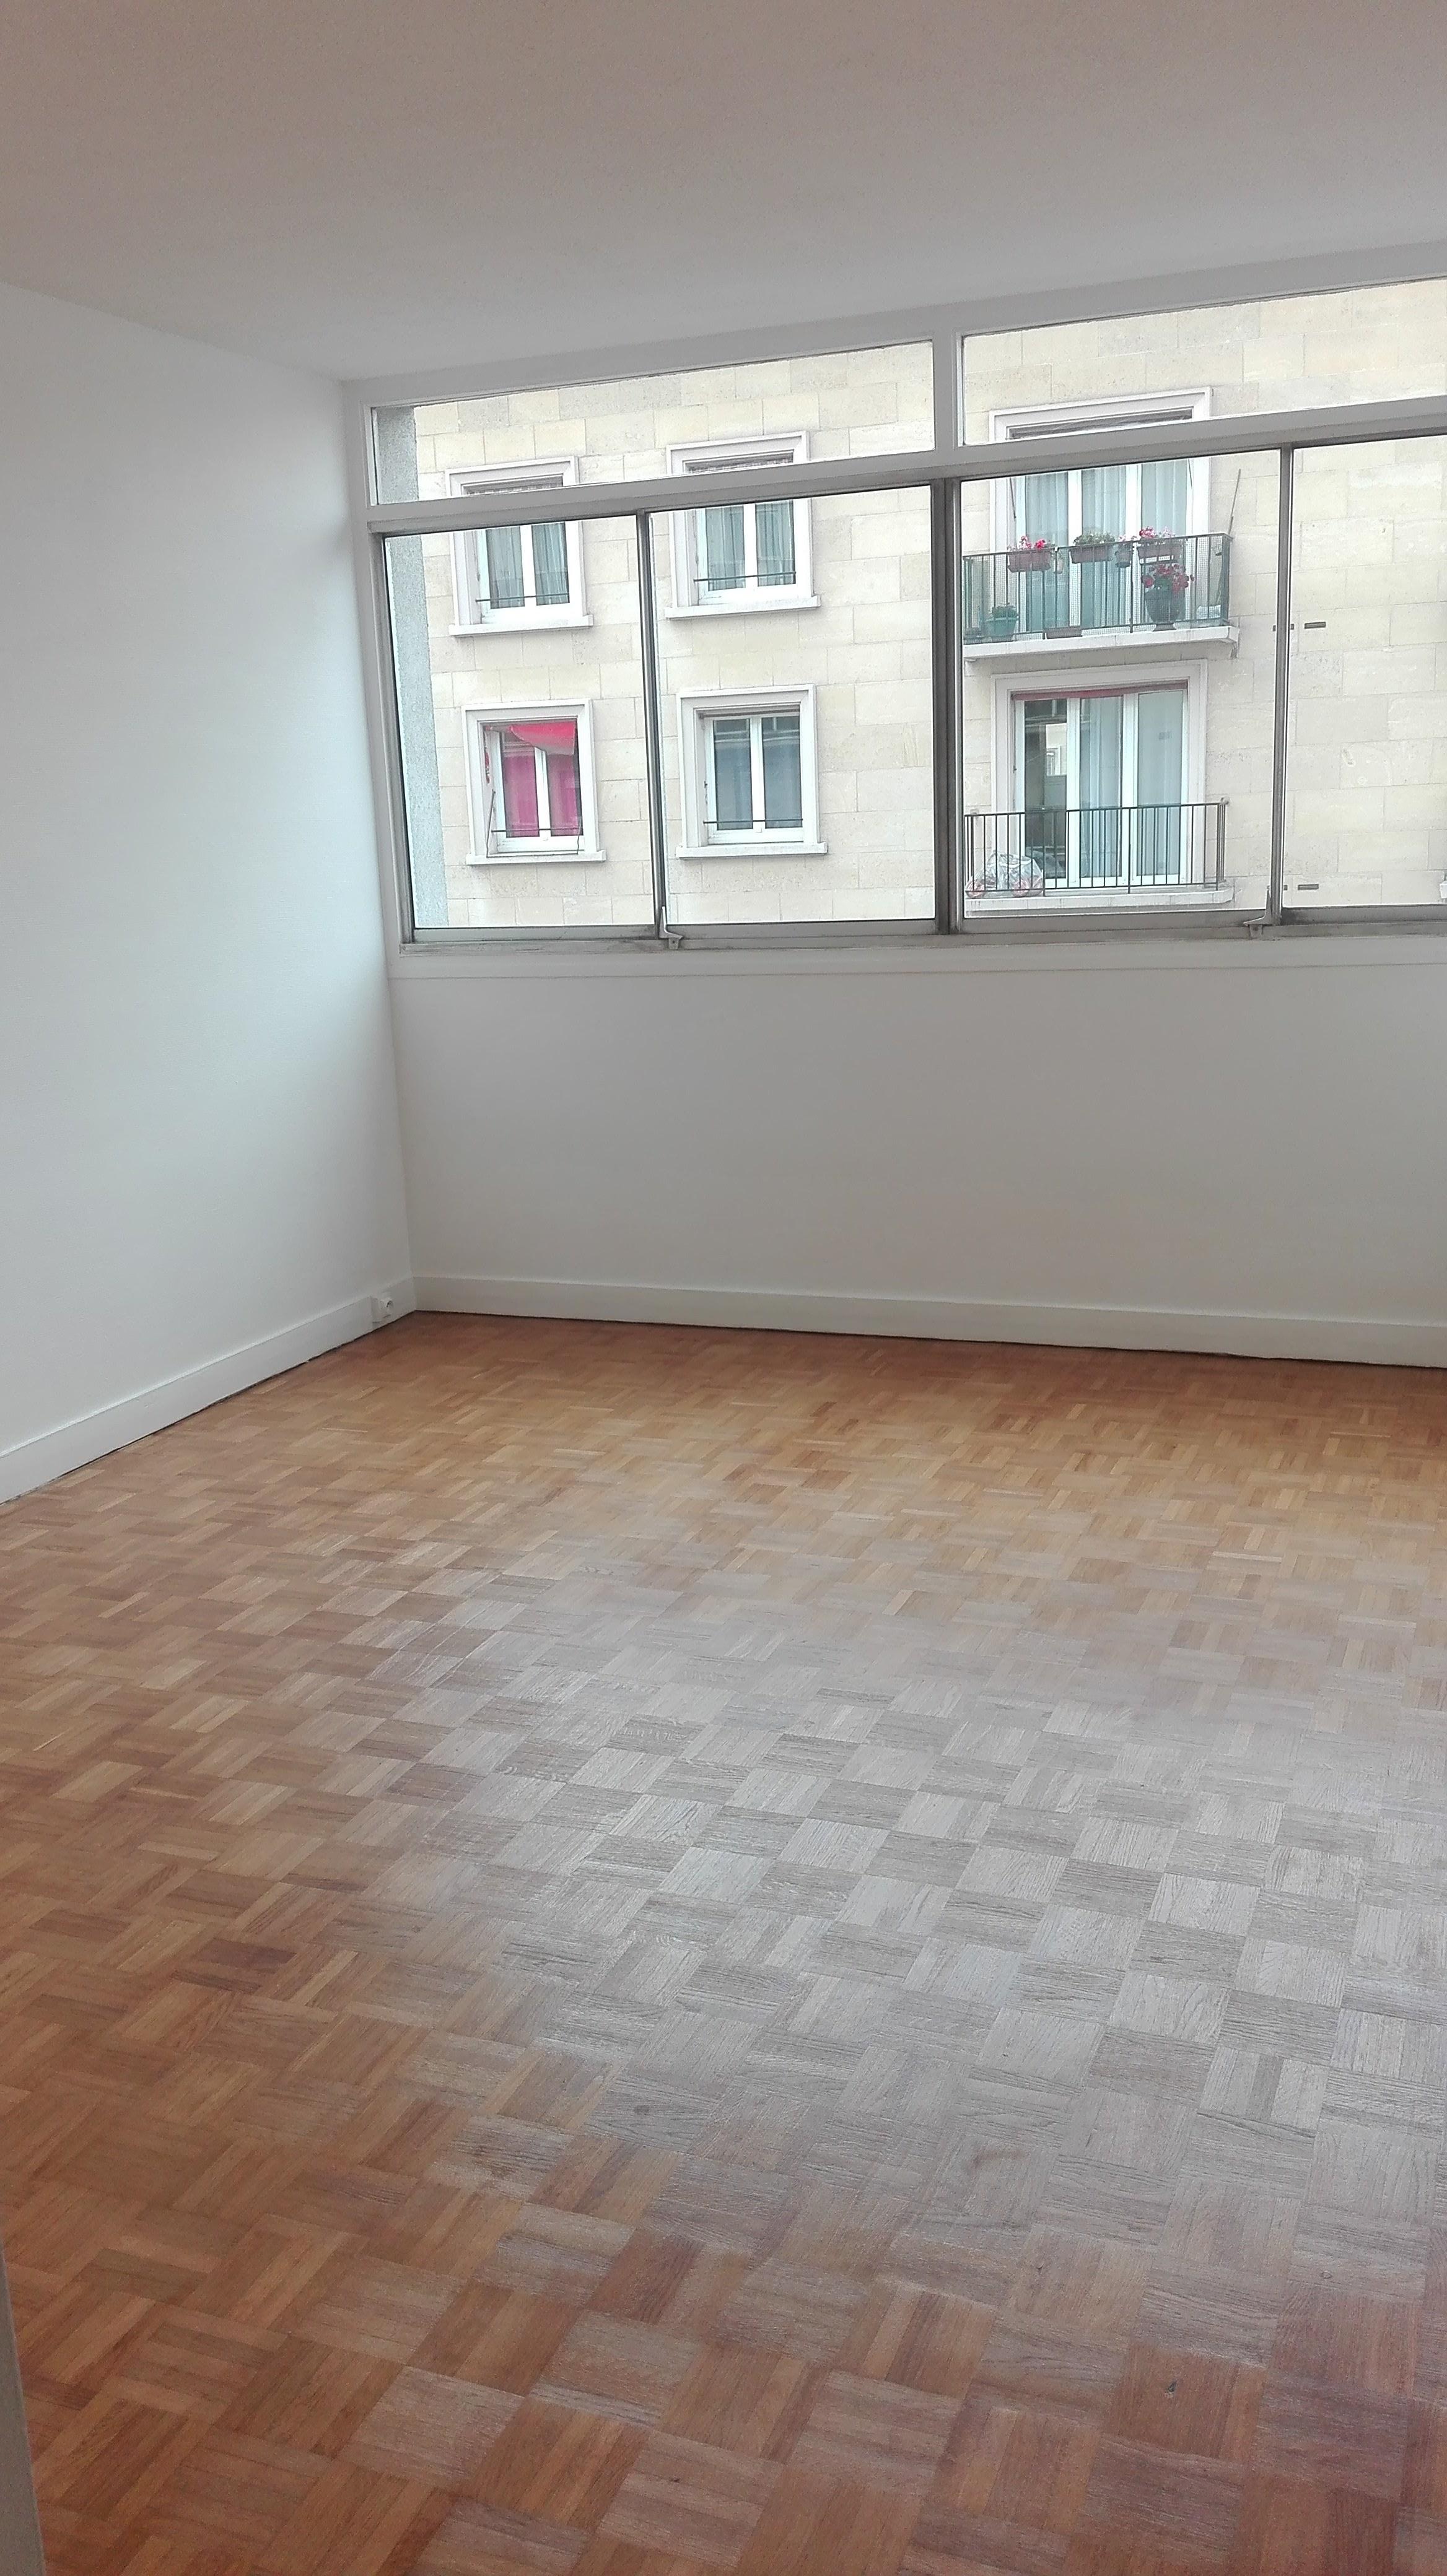 2 pièces d'environ 54 m² rue Desnouettes (Paris 15ème) – Metro Convention / Balard / Porte de Versailles